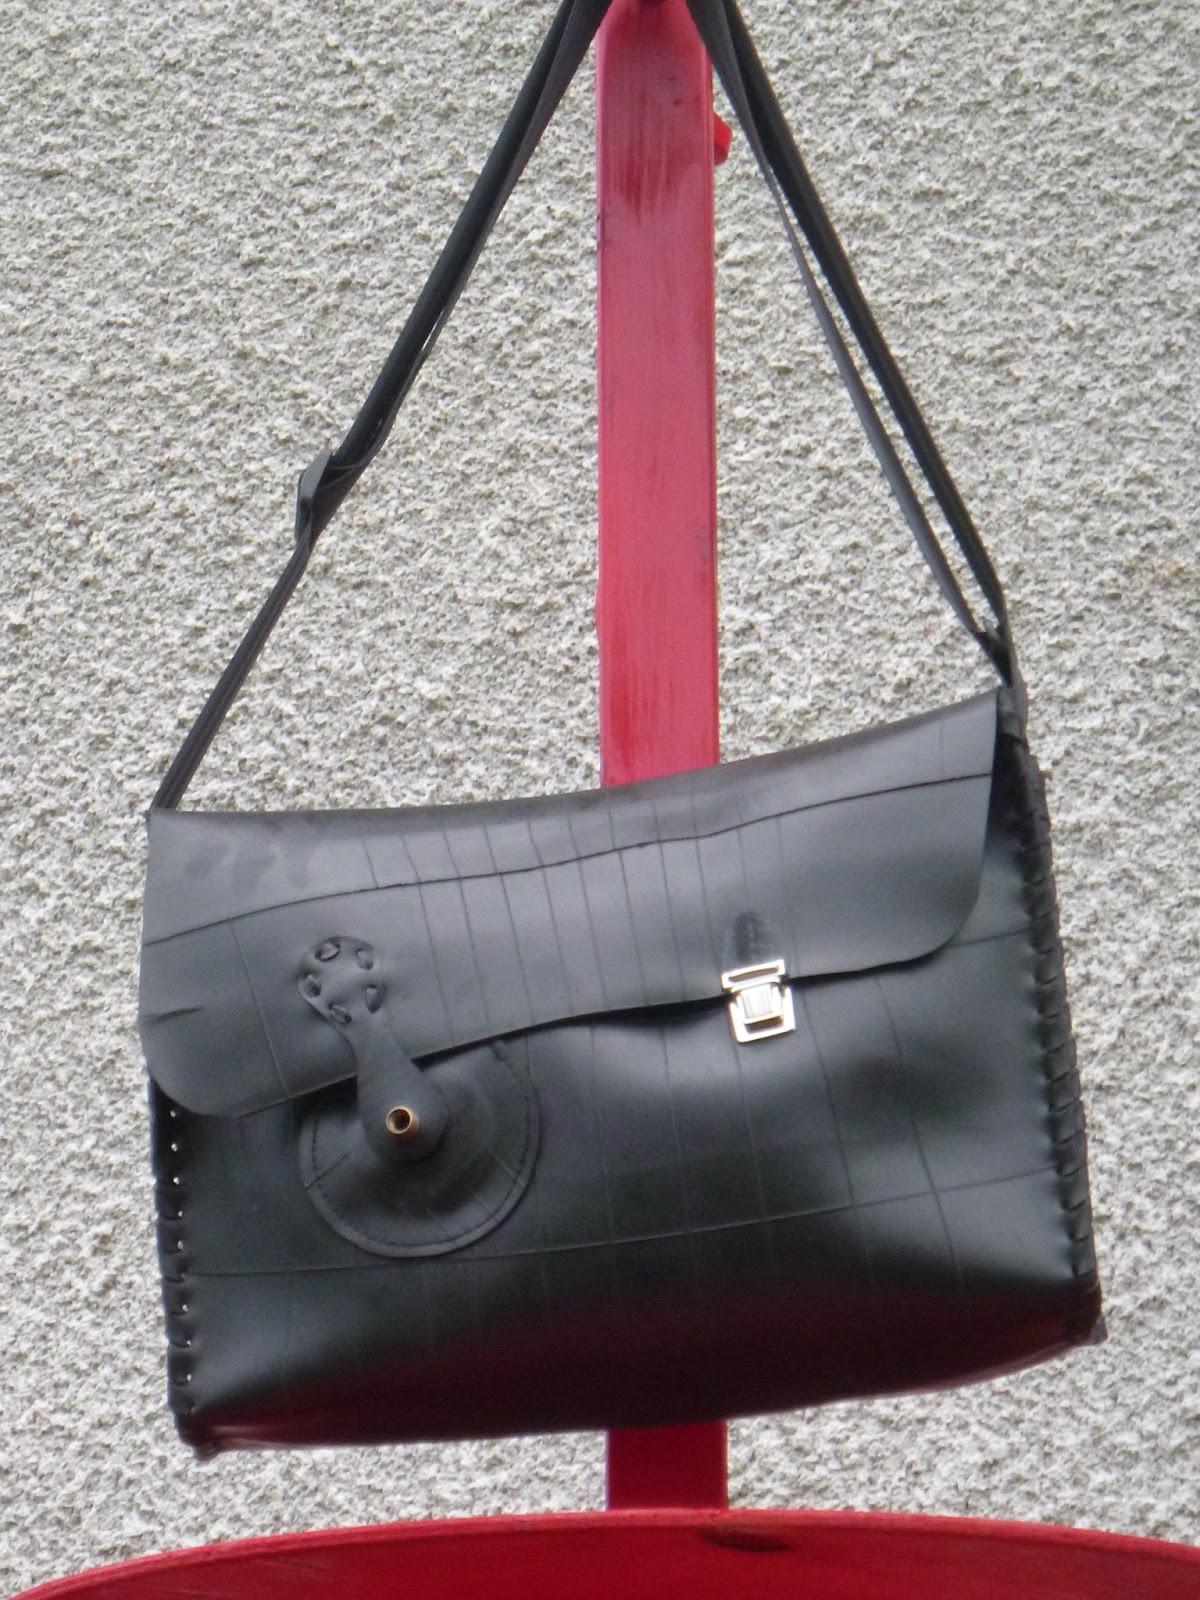 Encore du nouveau sac besace en chambre a air recycl e les sacs de lucie cr ation de sacs en - Sac a main chambre a air ...